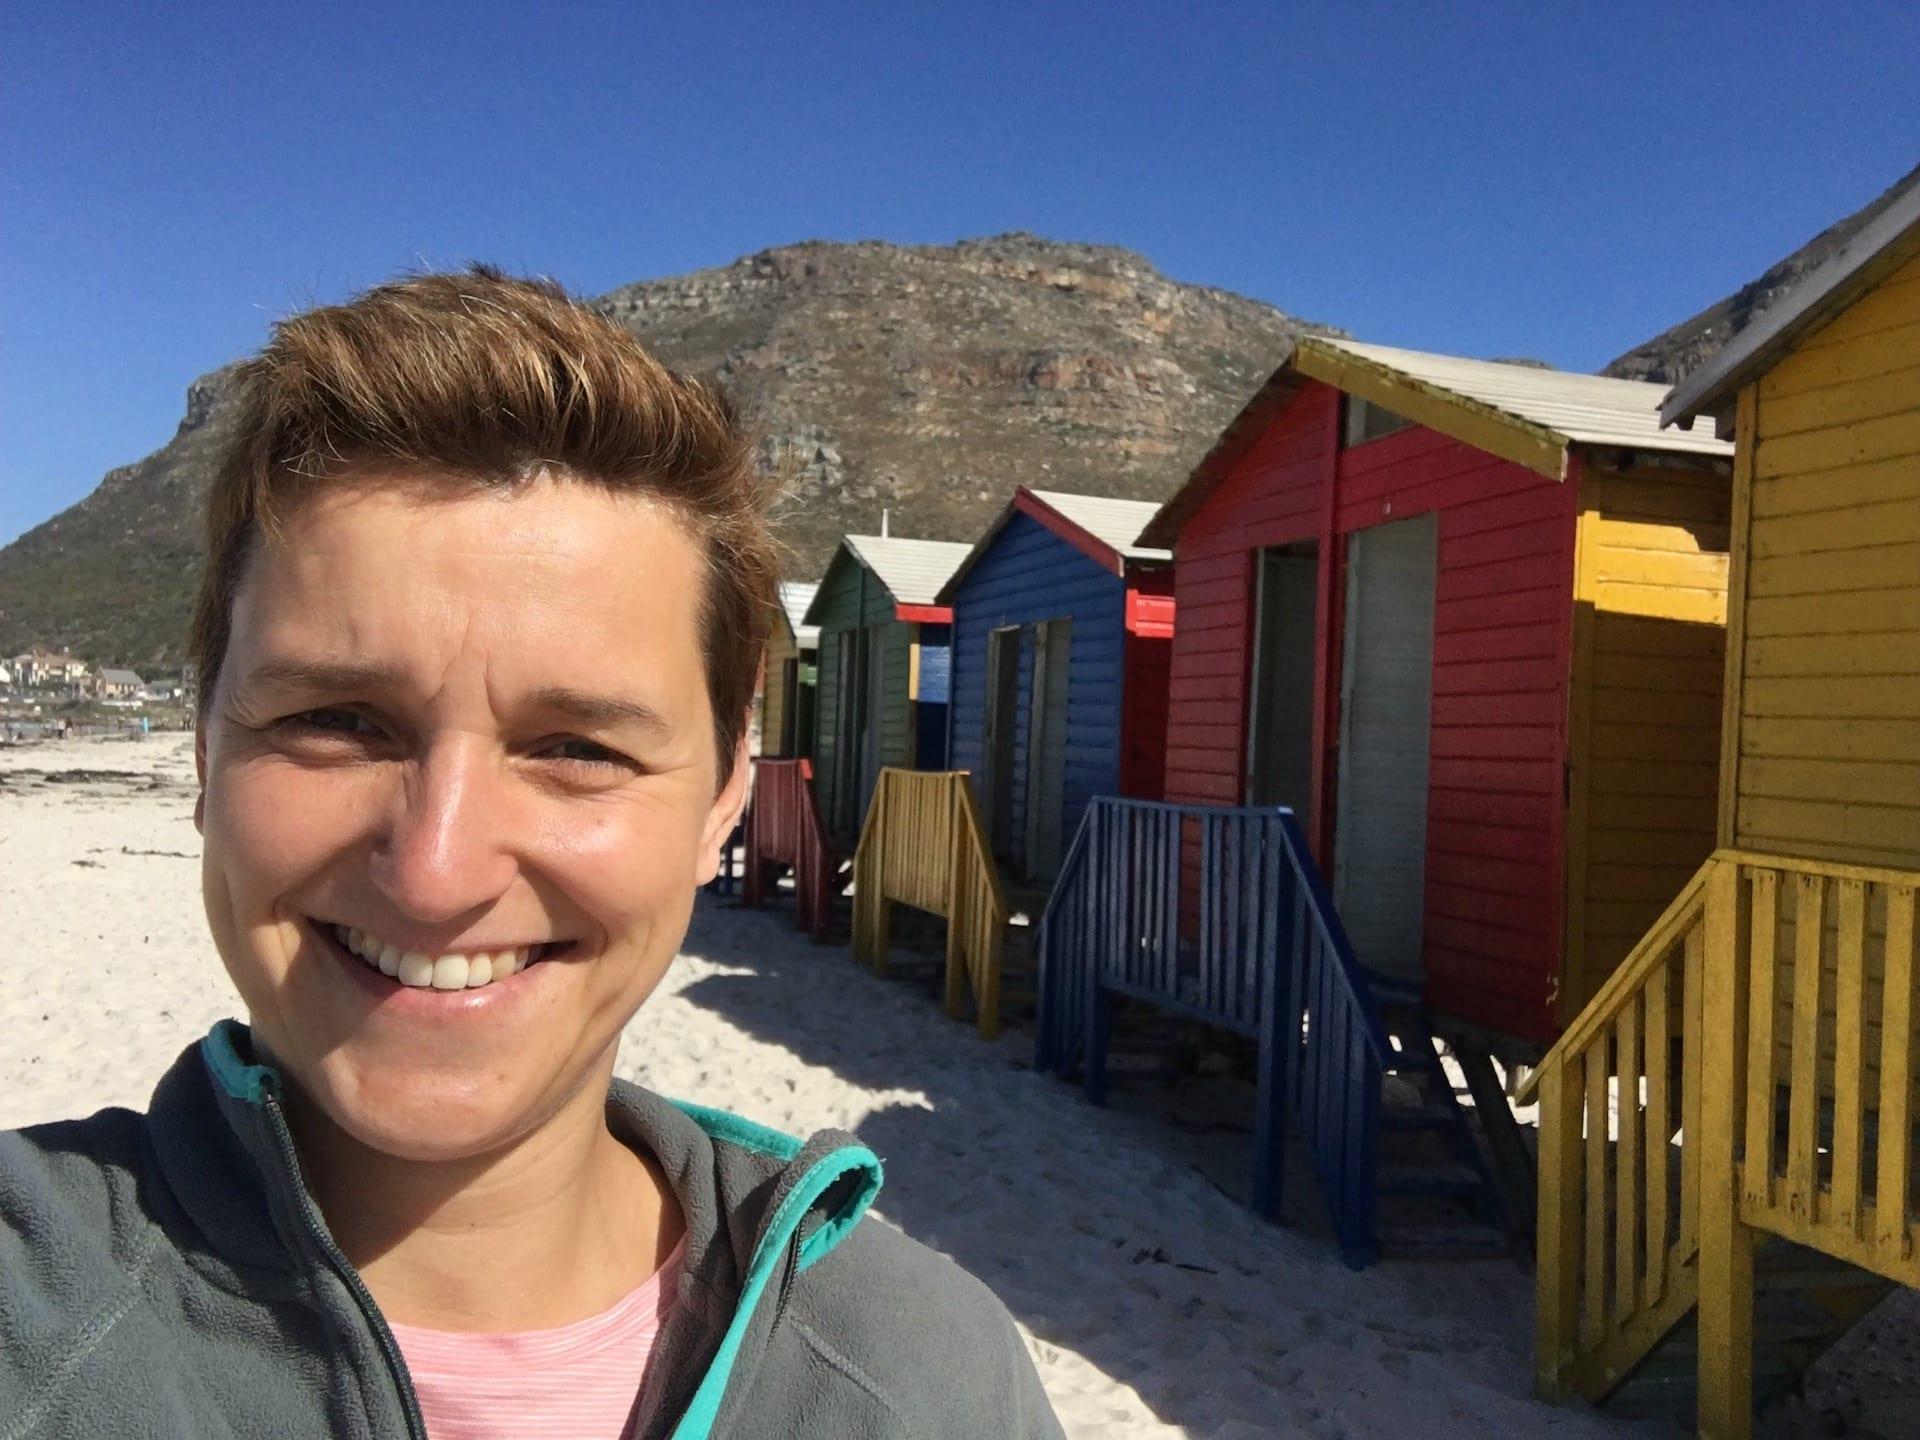 ALGEMEEN - ZA - Kaapschiereiland - 2018 - IMG_0403